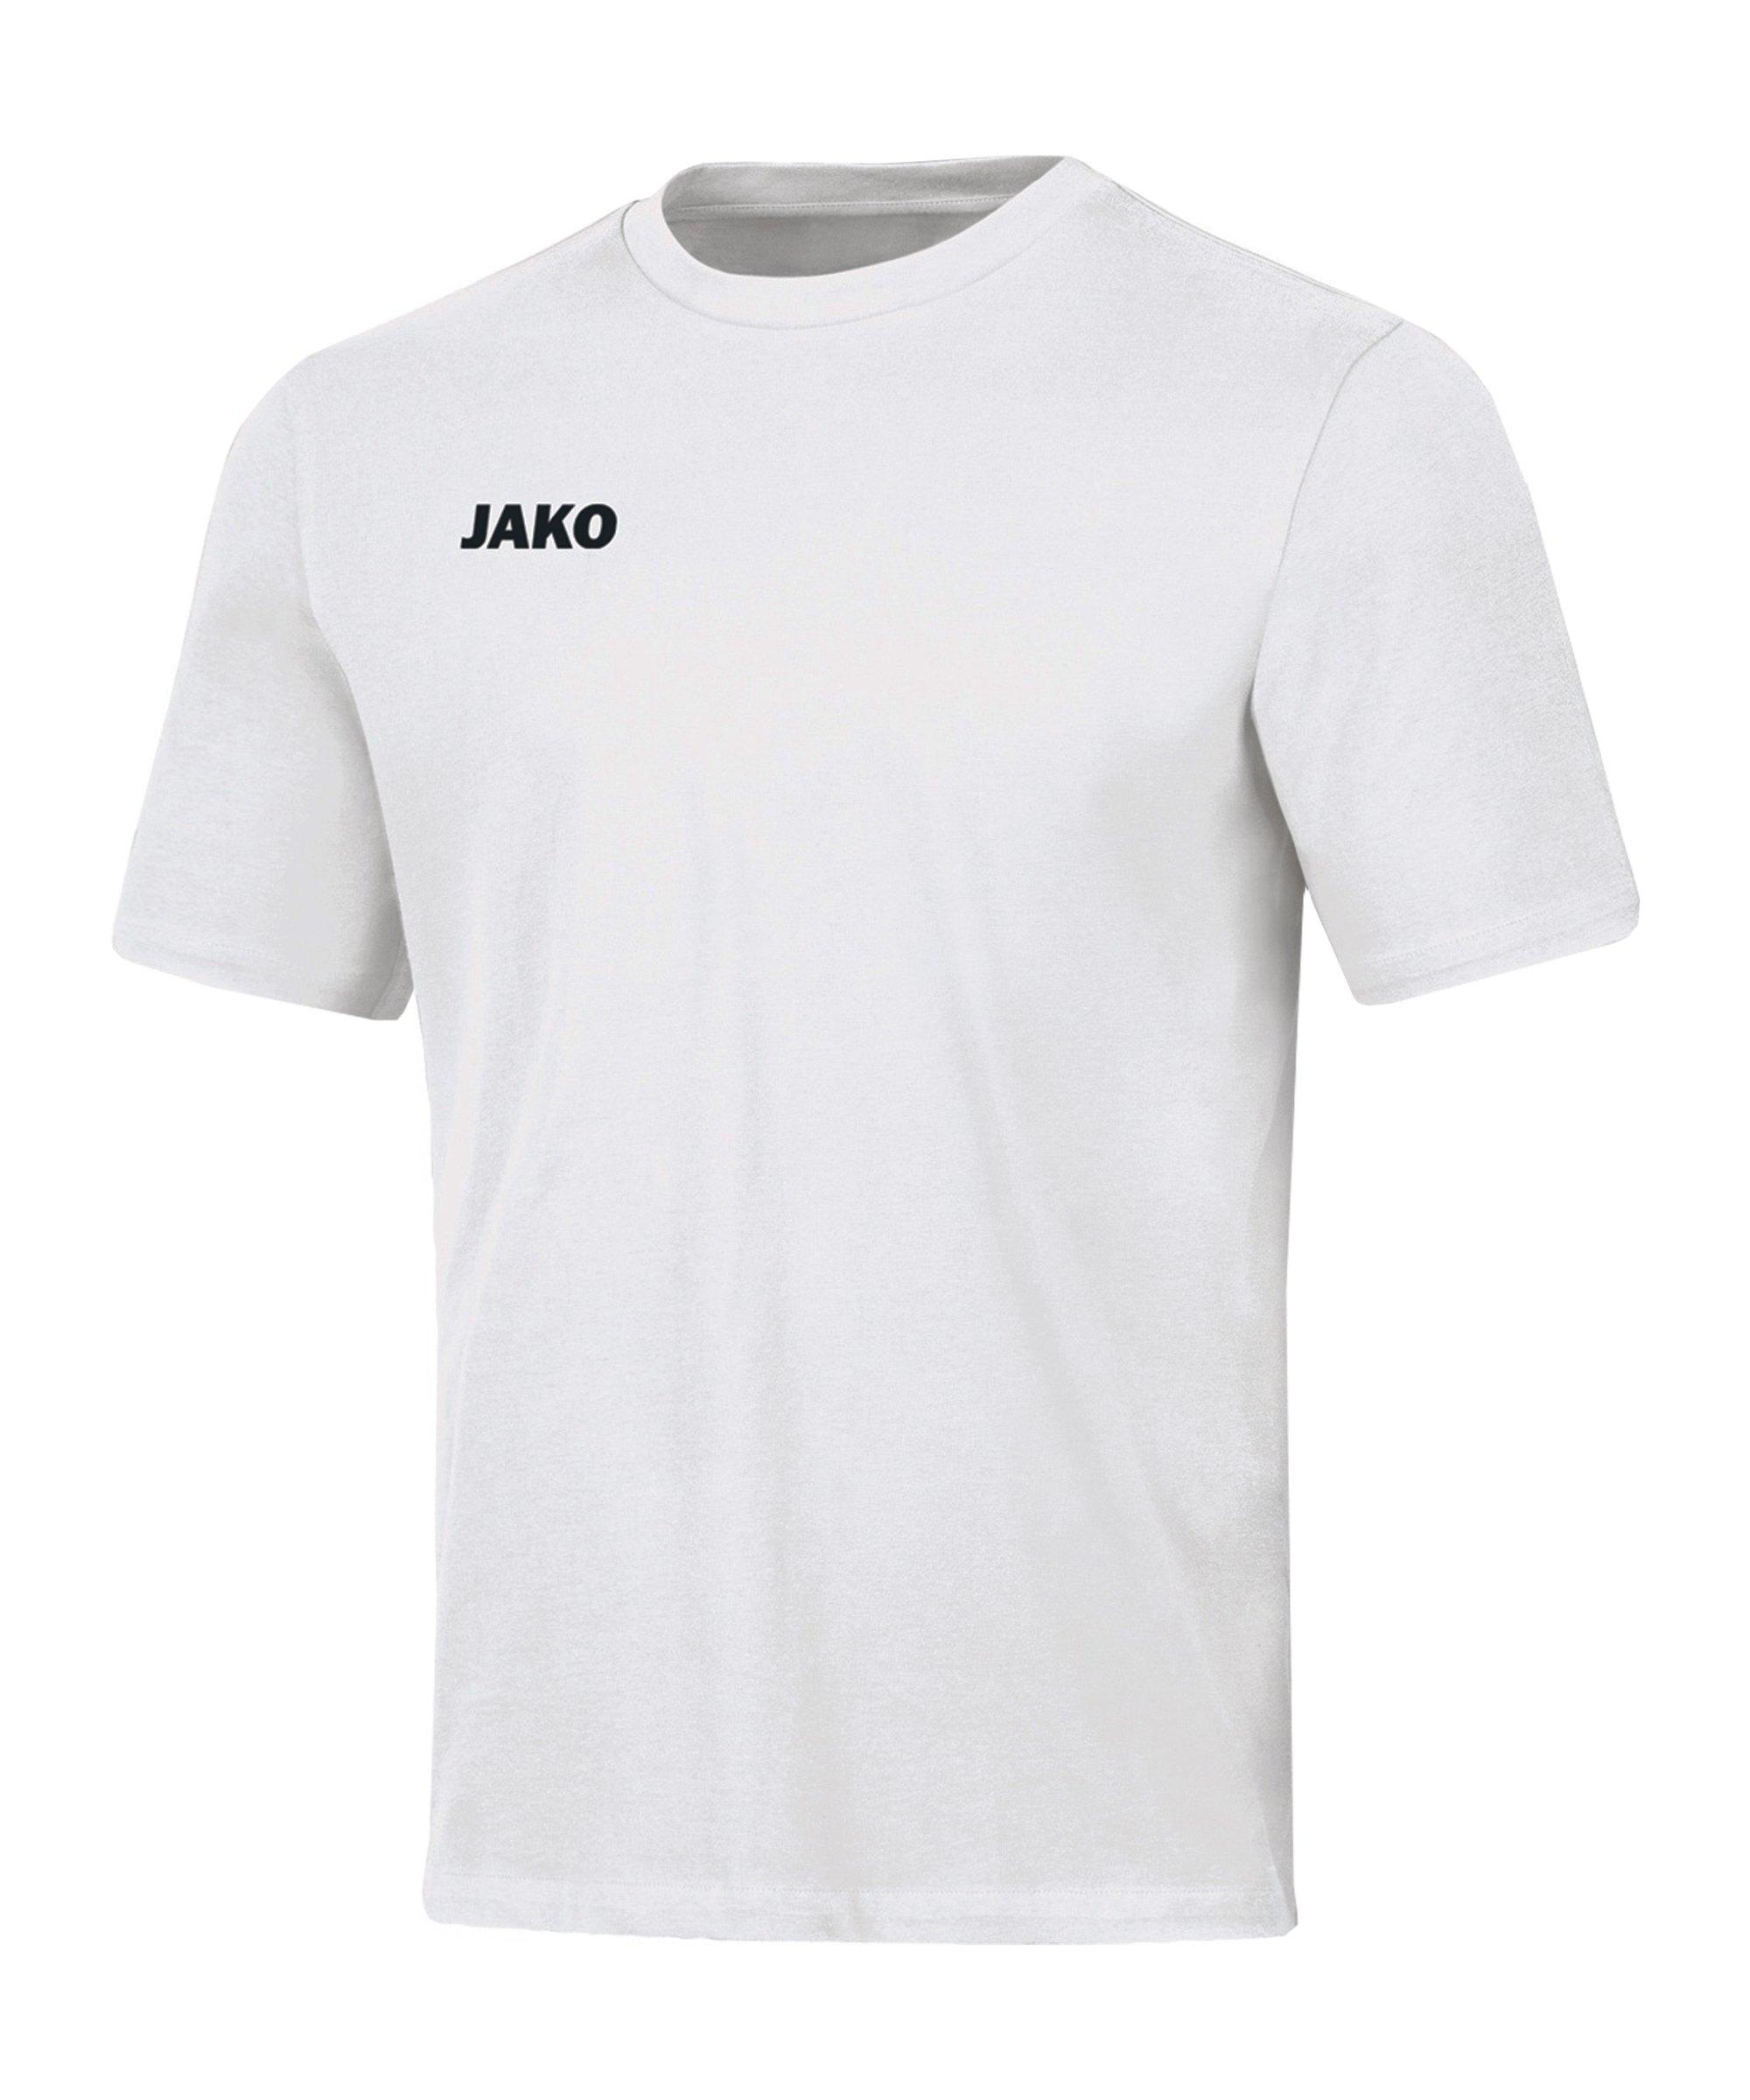 JAKO Base T-Shirt Weiss F00 - weiss